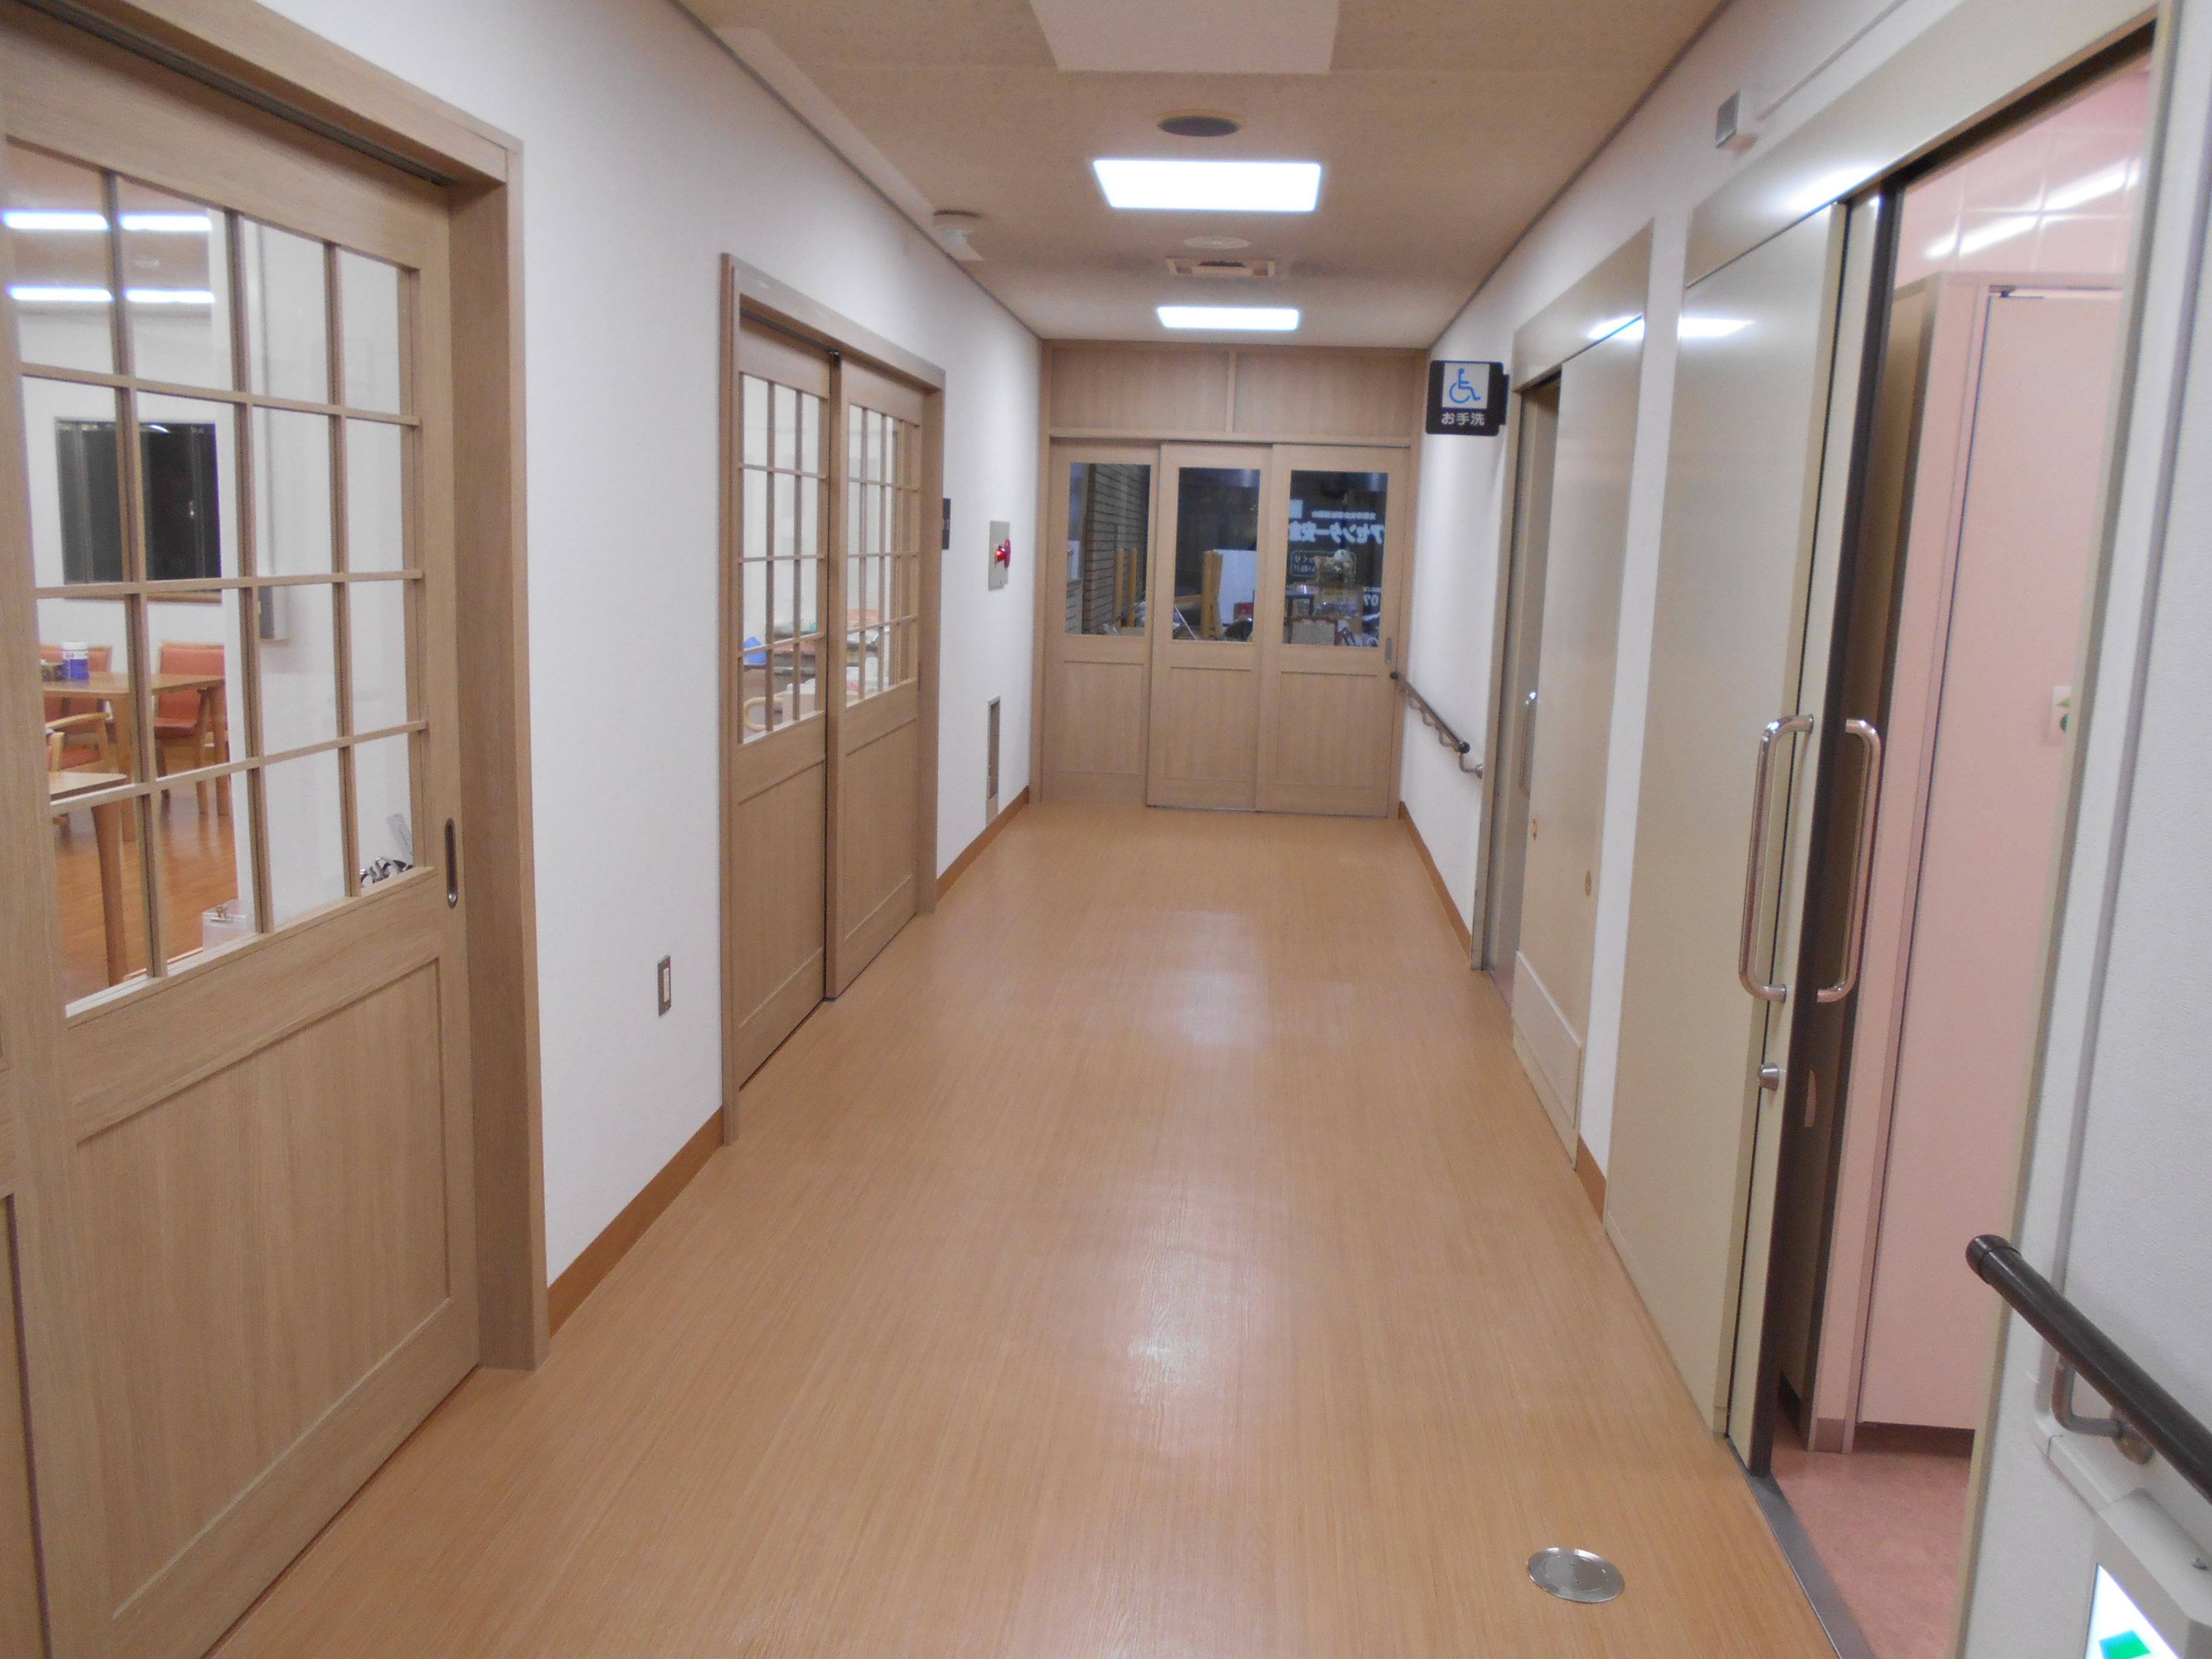 宝塚市 デイサービス改築工事イメージ05